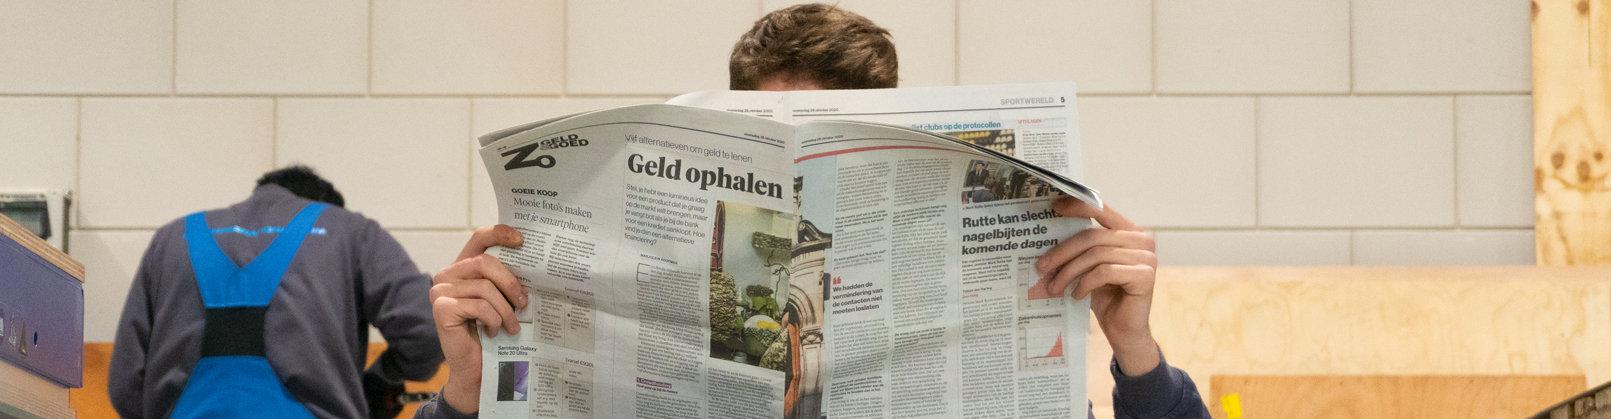 Krantlezen.jpg